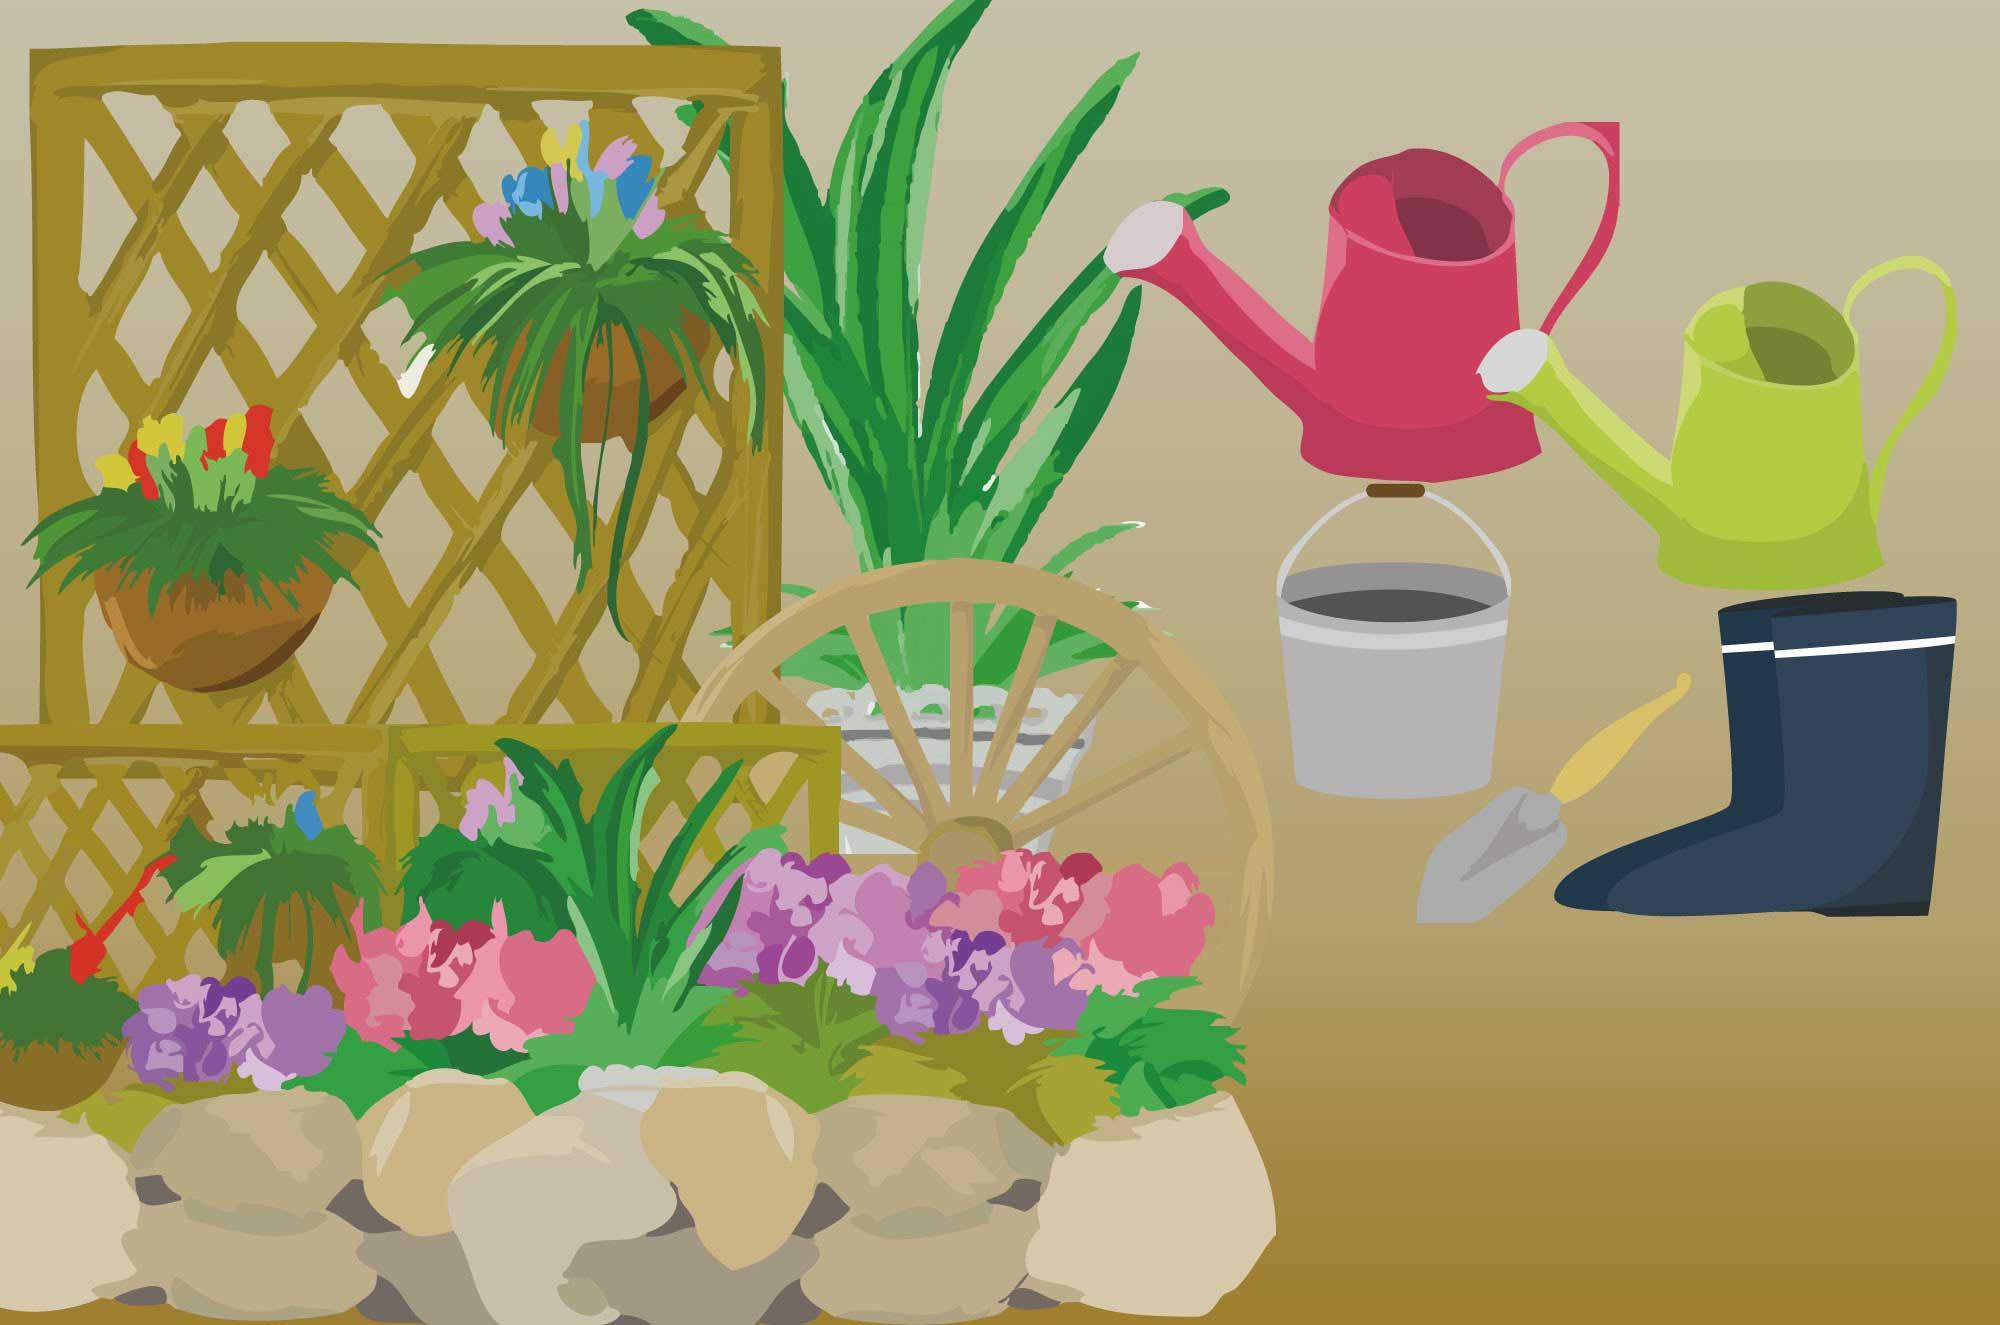 ガーデニングのイラスト癒される緑の花と自然の素材集